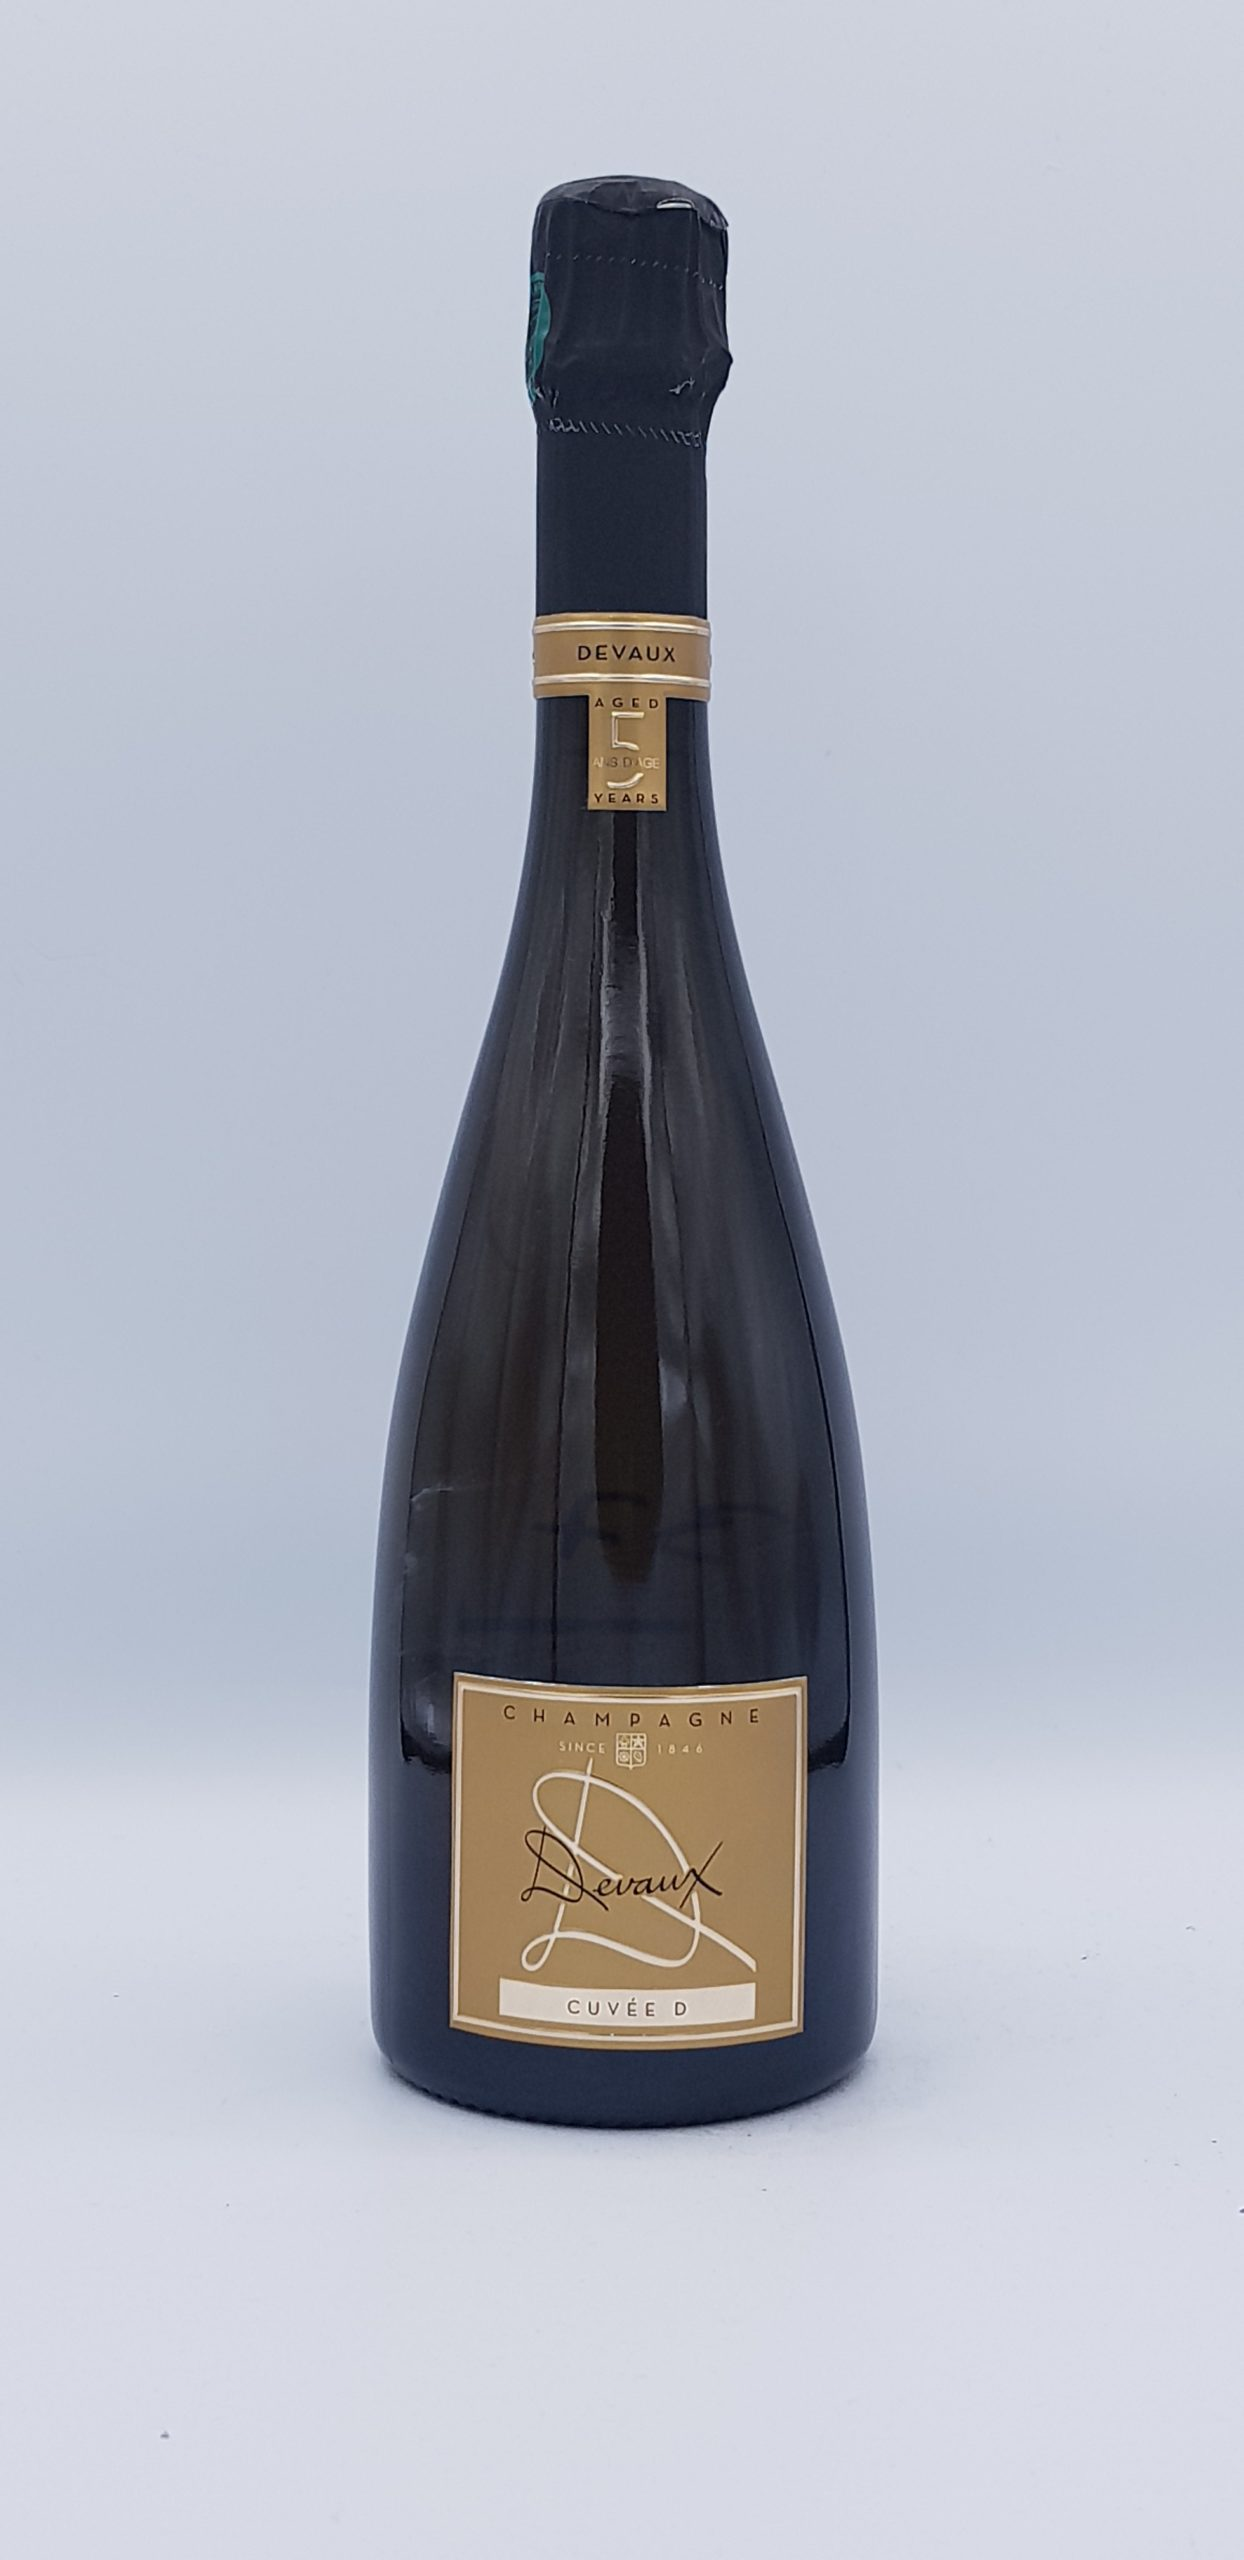 Champagne Devaux Cuvee D